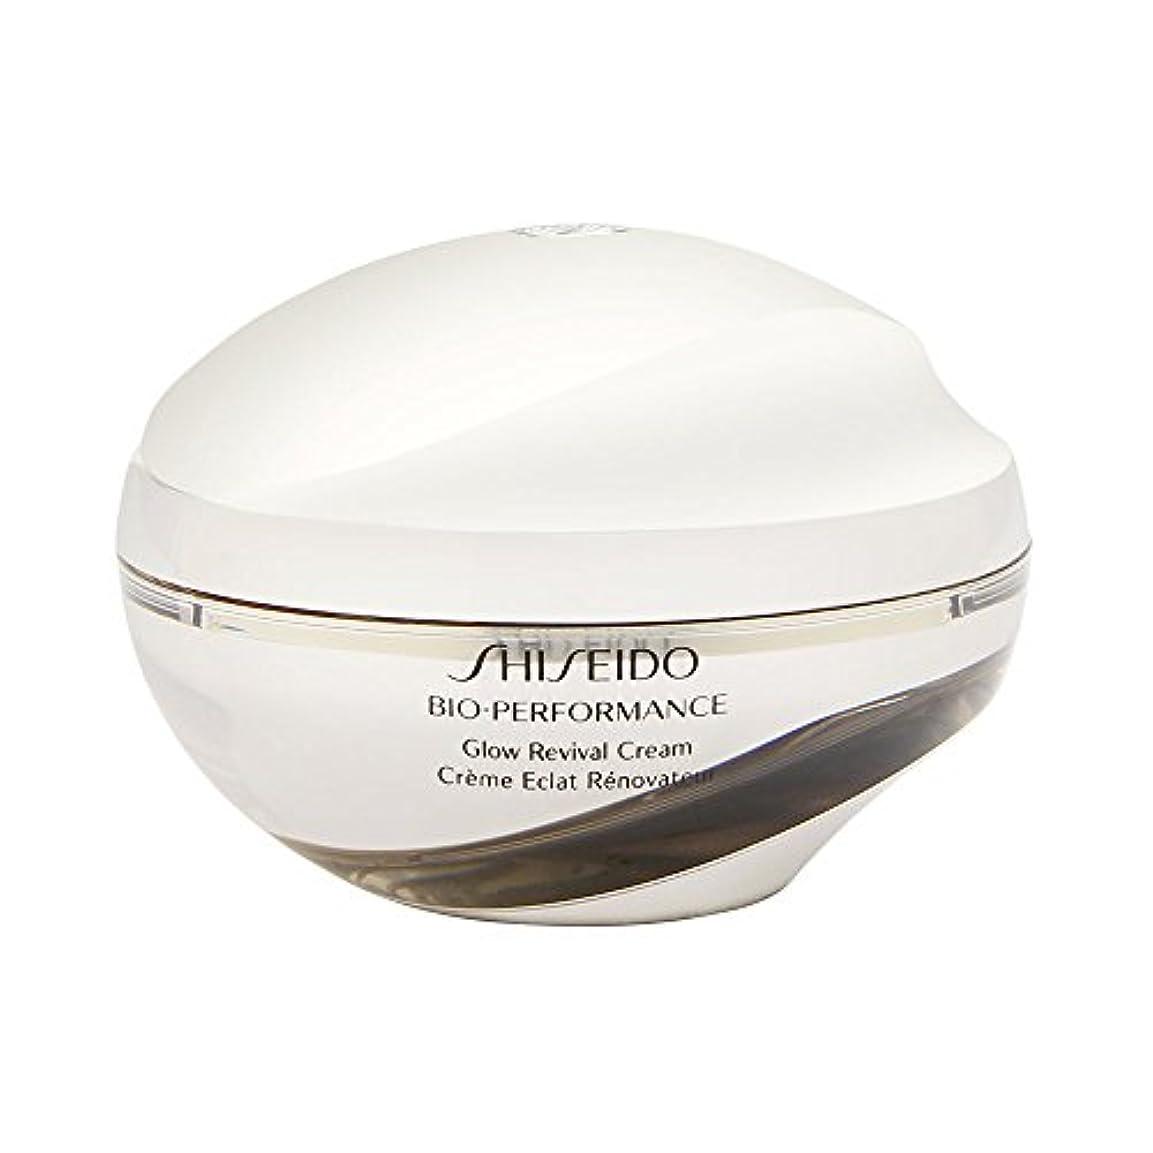 代わりの格差それにもかかわらずShiseido Bio Performance Glow Revival Cream 75 ml / 2.6 oz by Shiseido